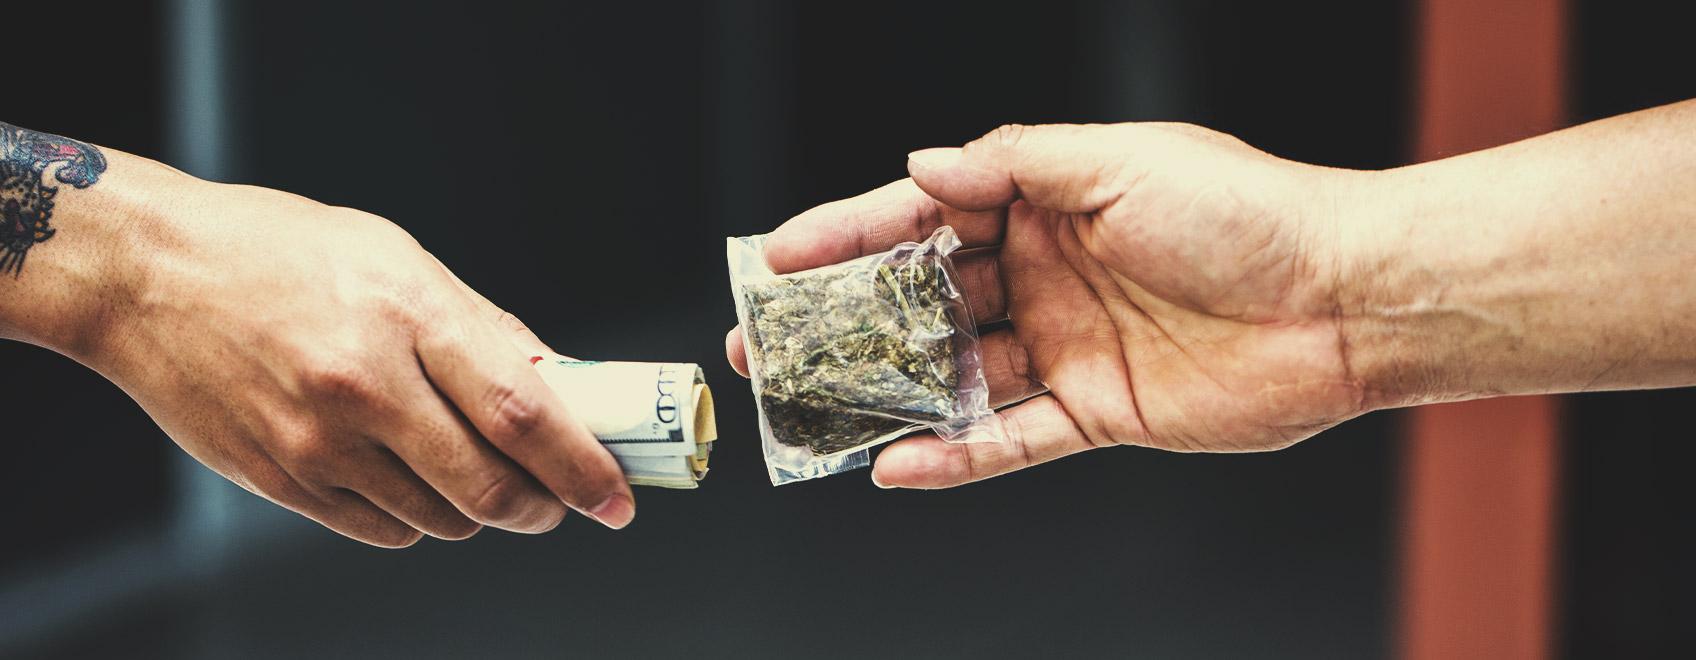 Les gens ont-ils vraiment à cœur de savoir d'où le cannabis qu'ils consomment provient?